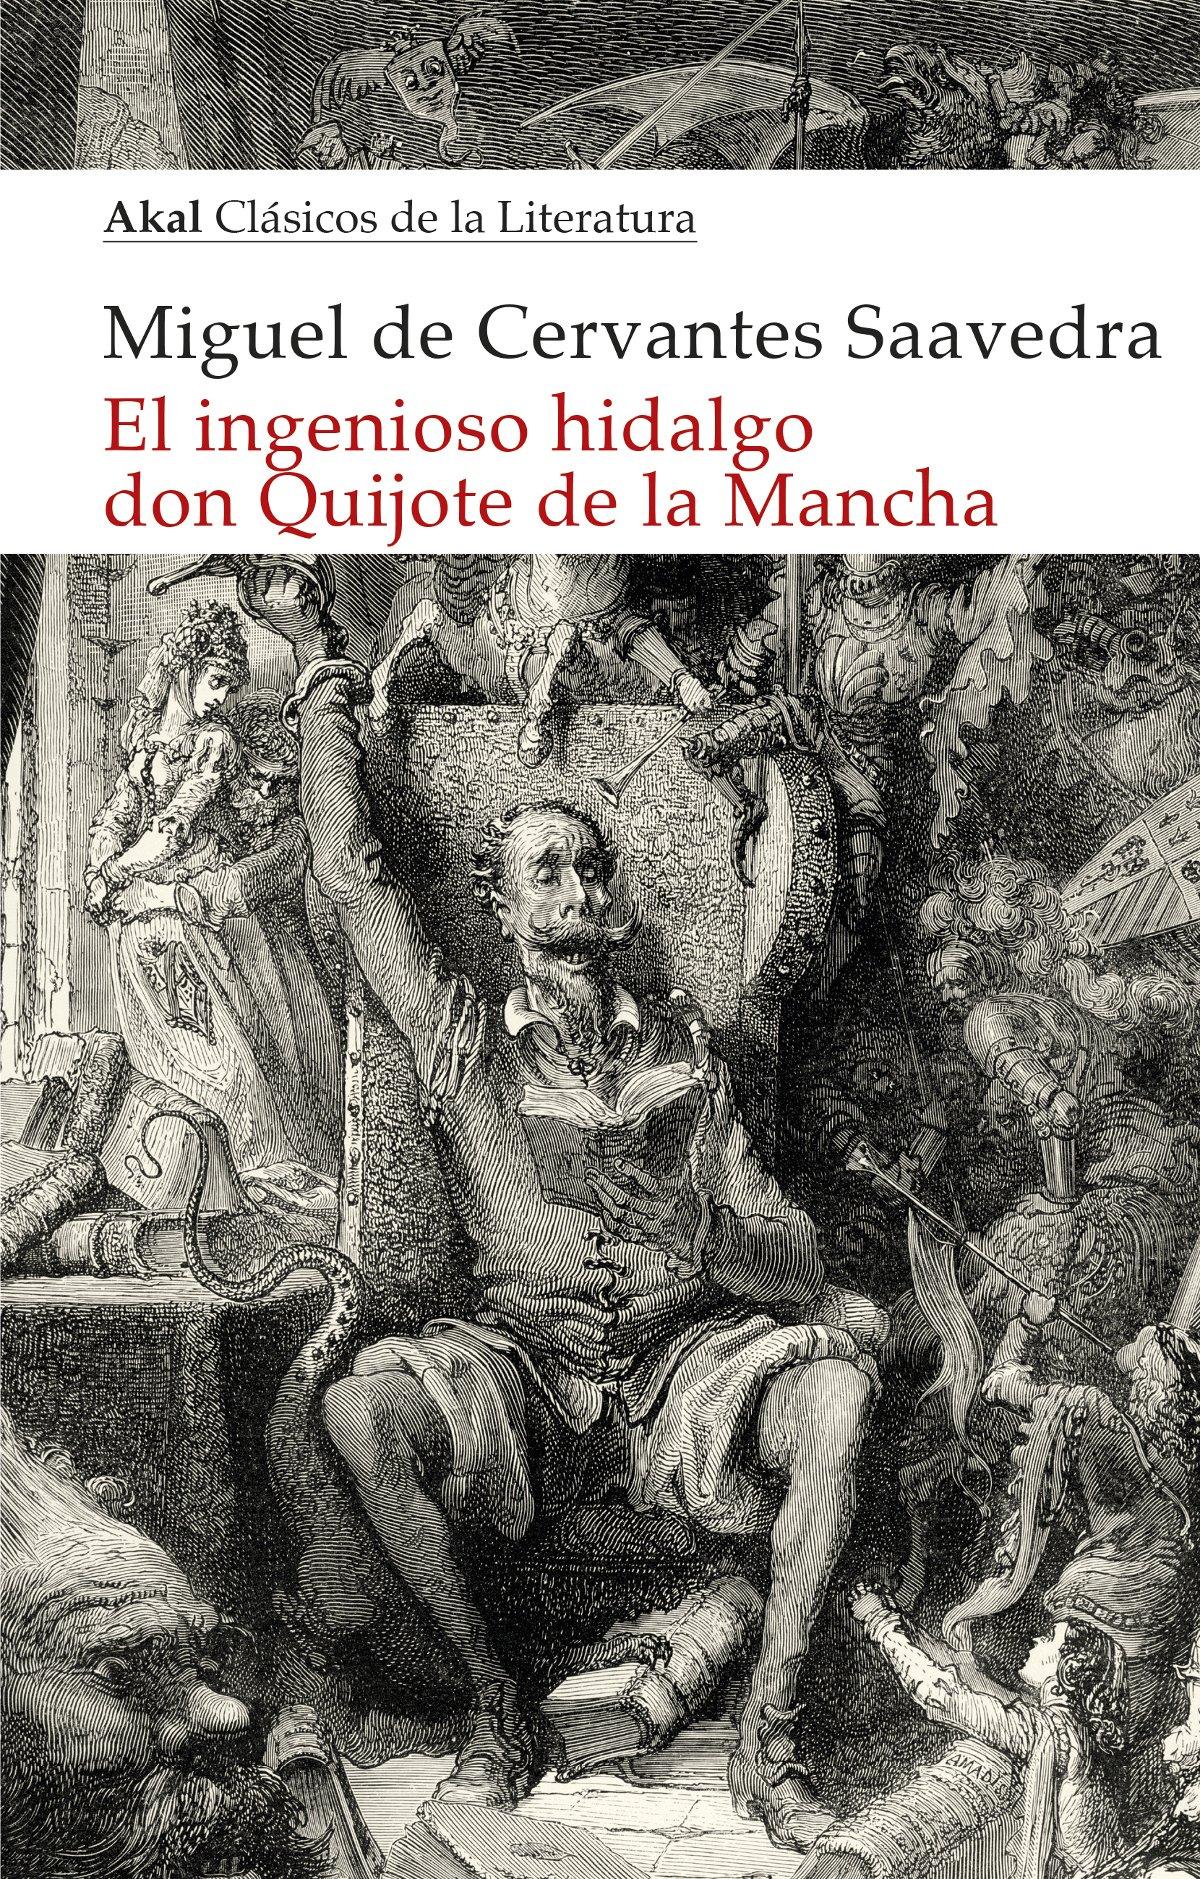 El ingenioso hidalgo Don Quijote de la Mancha: 6 Akal Clásicos de la Literatura: Amazon.es: Cervantes Saavedra, Miguel de: Libros